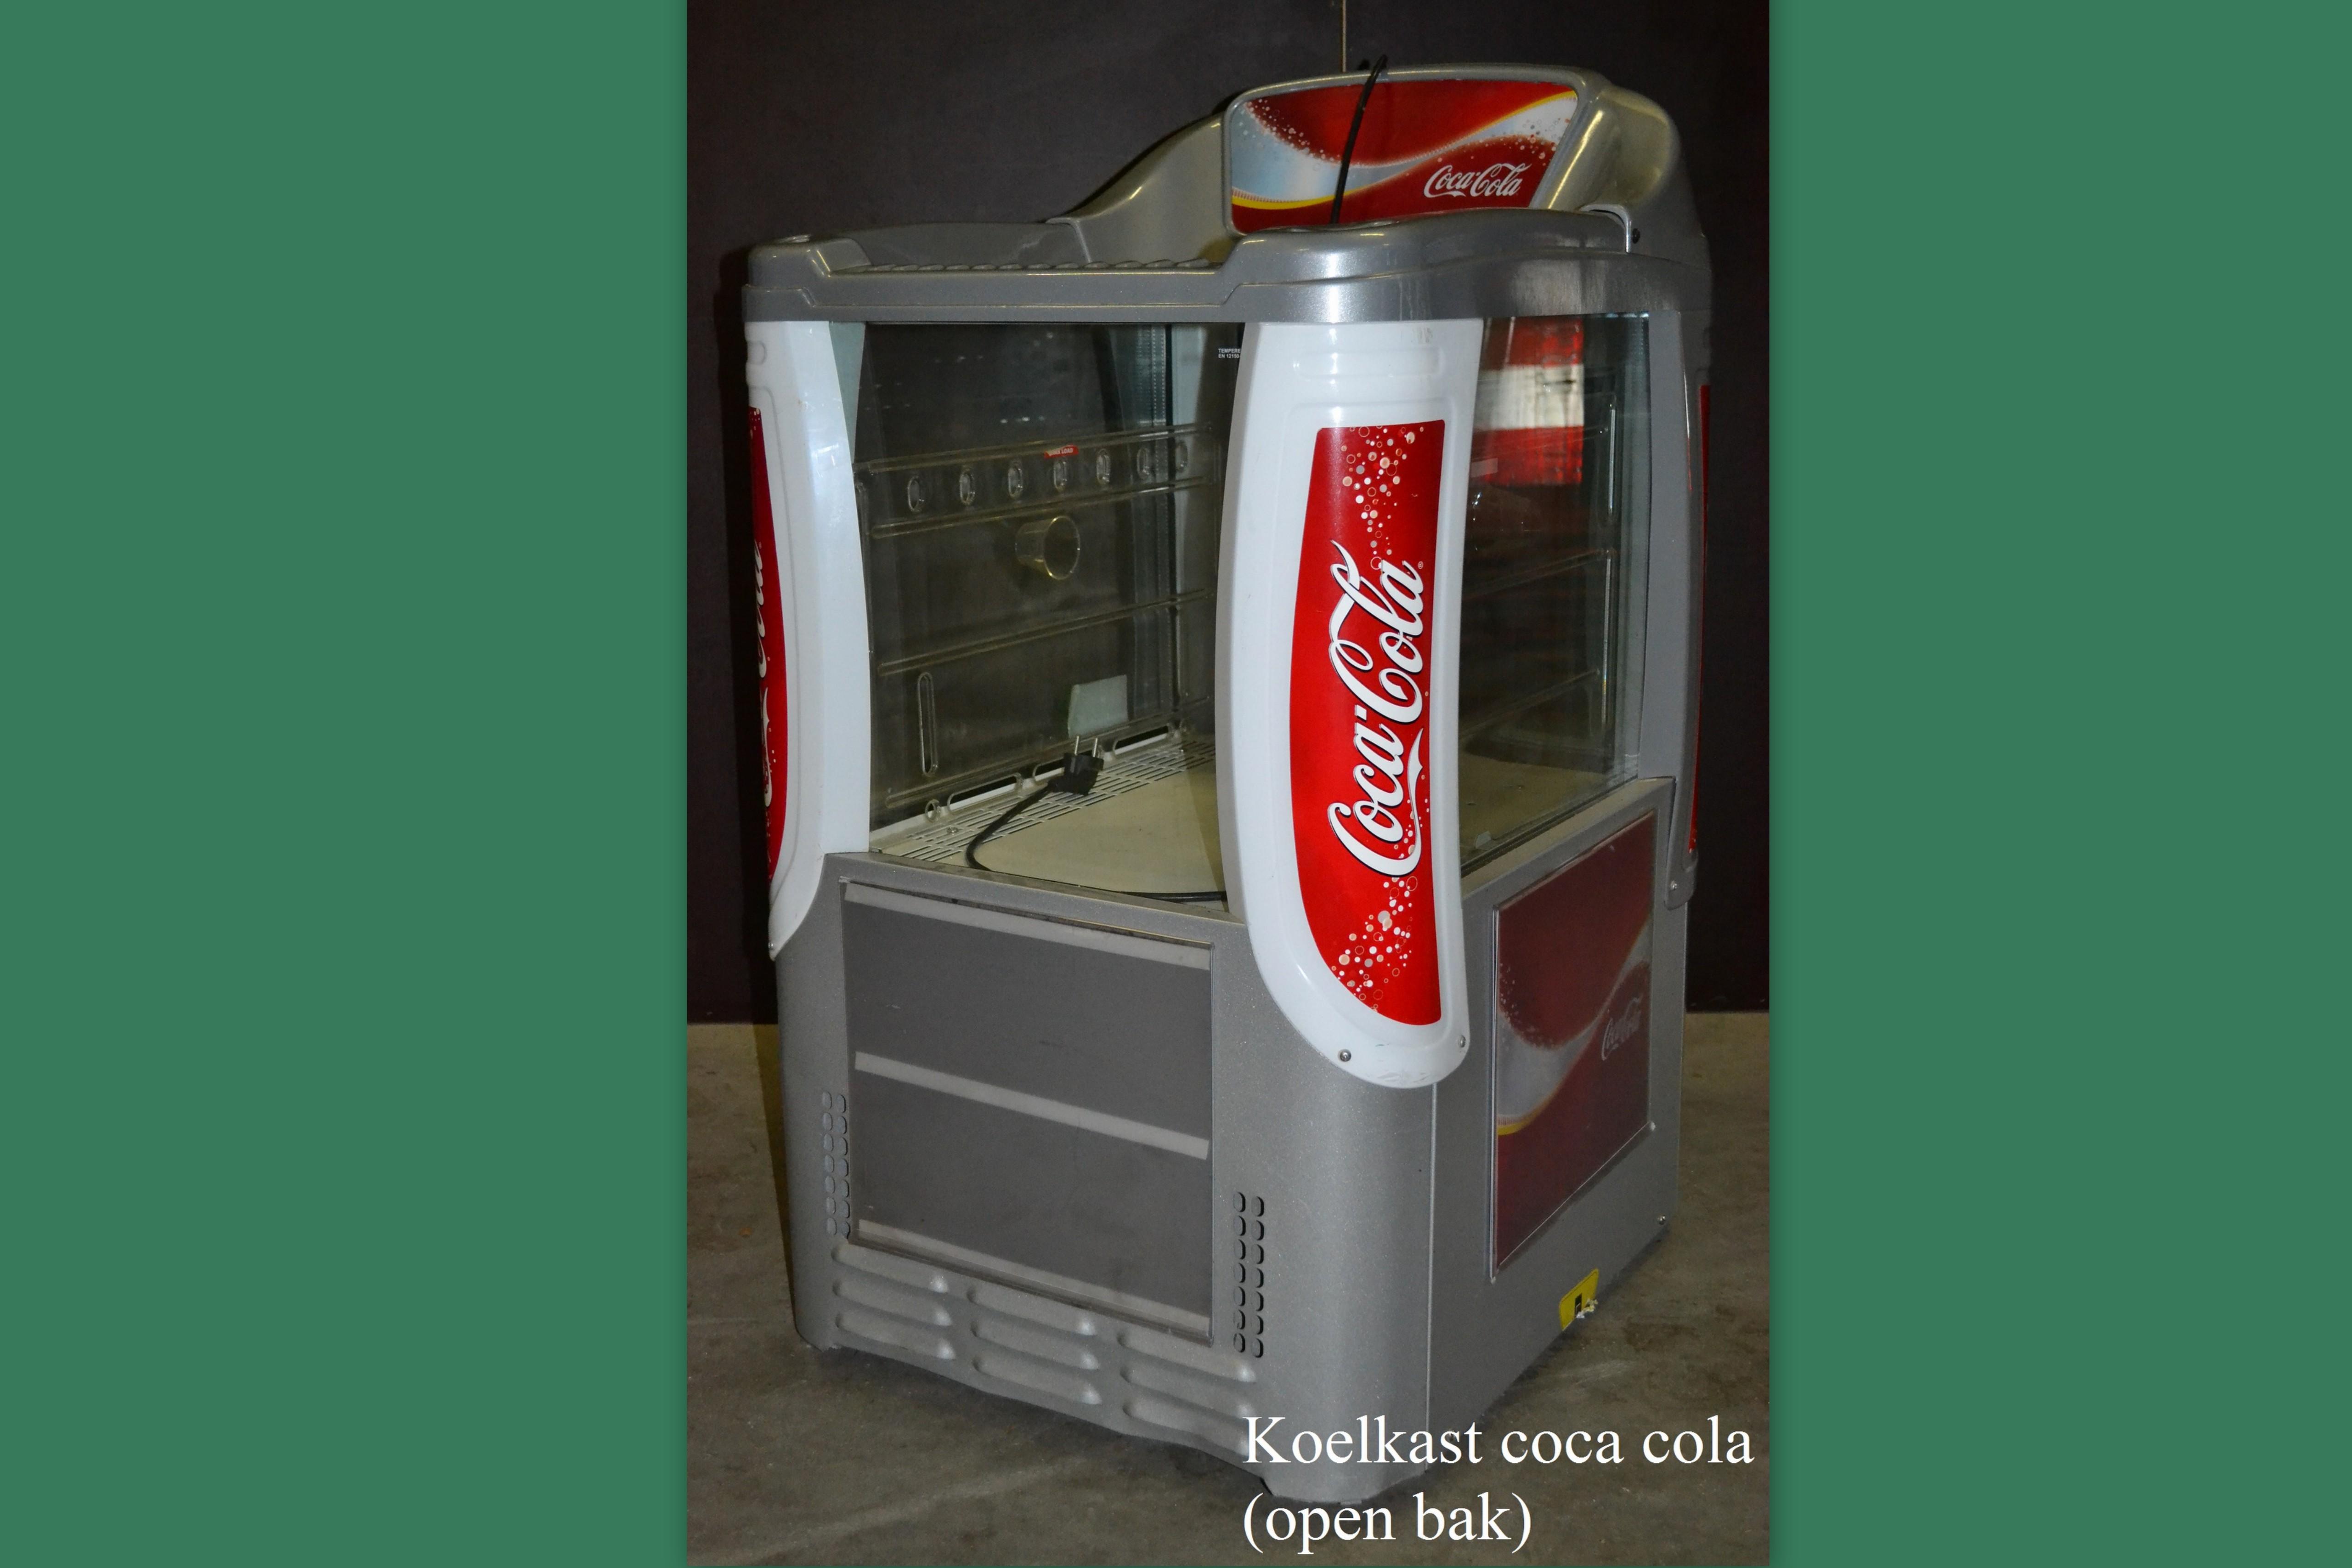 koelkast-coca-cola-open-bak